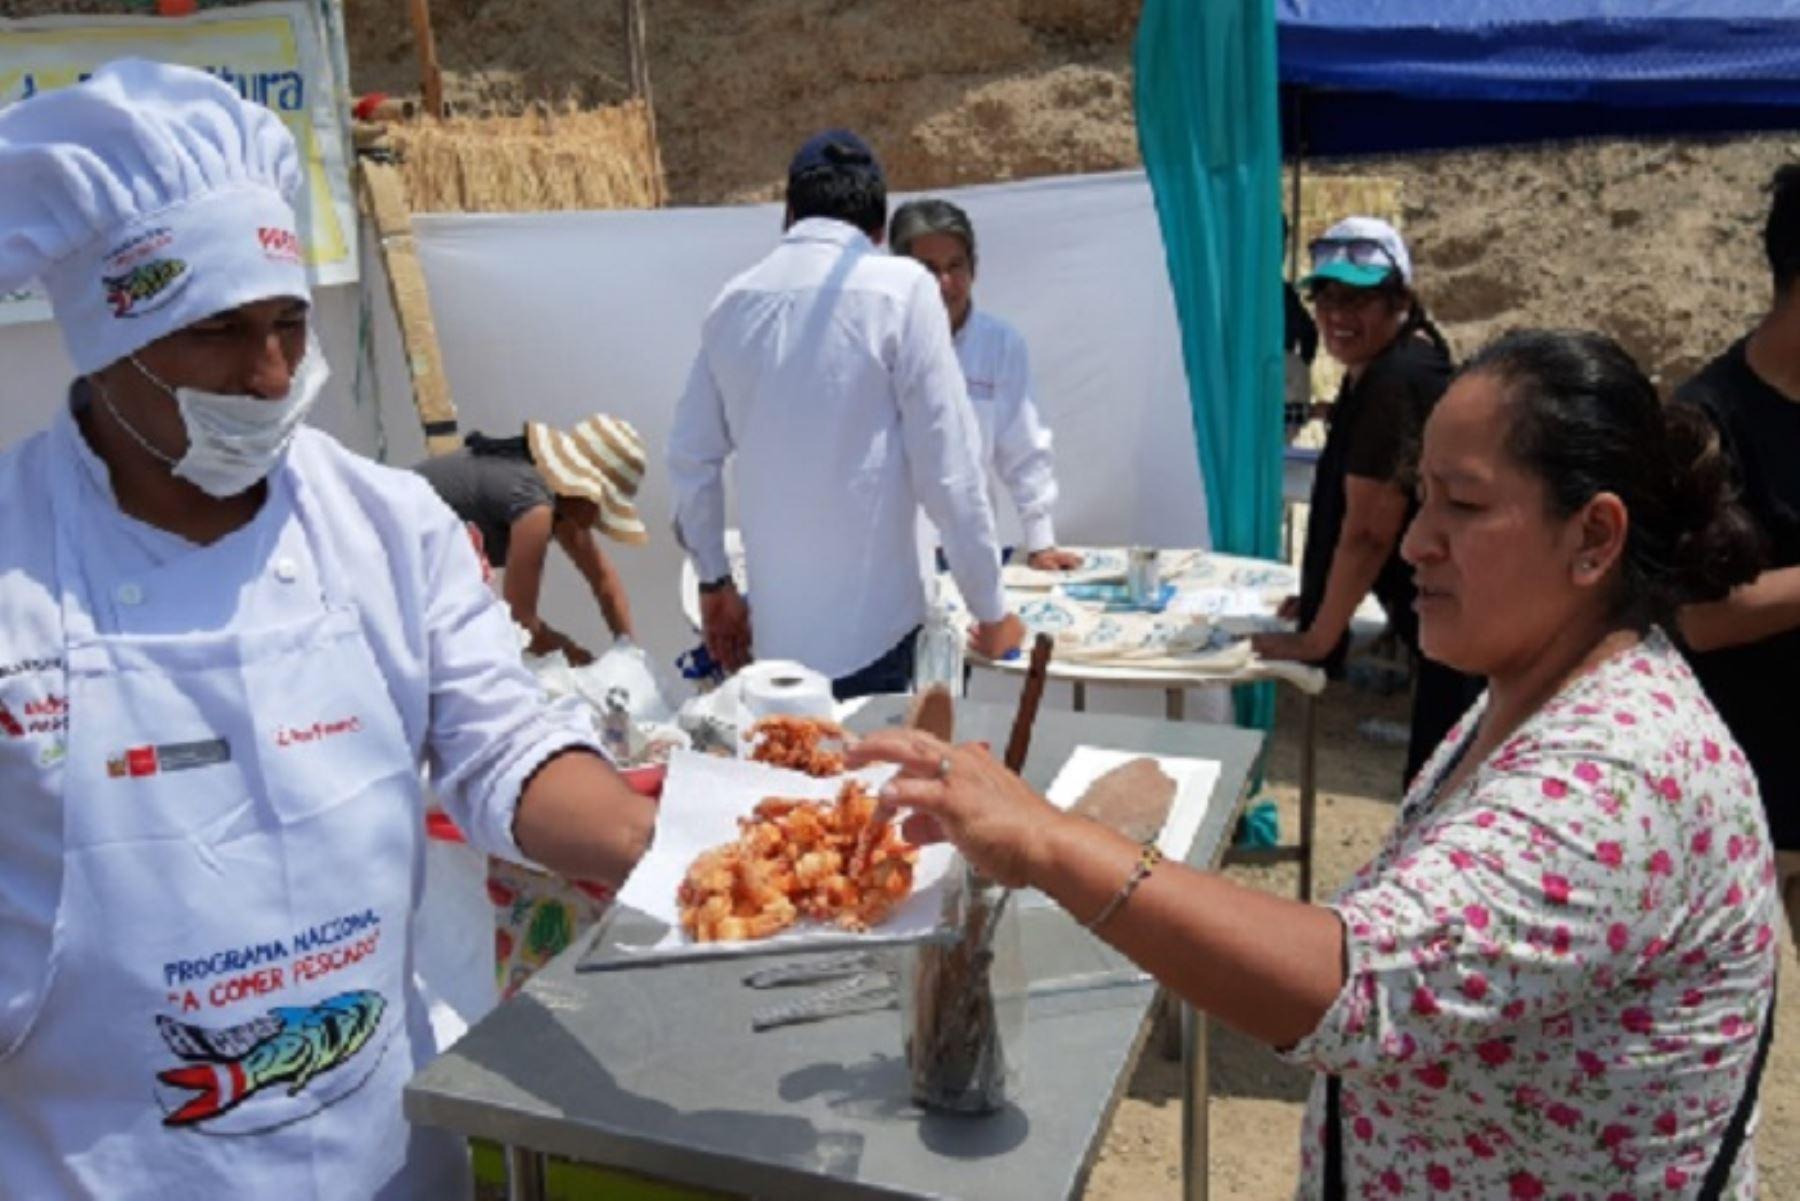 Los camarones habitan en toda la cuenca del río San Juan y el anexo de Marcas es famoso tanto en Huancavelica como en Ica por sus restaurantes donde se ofrecen una diversidad de platos hechos con el exquisito crustáceo.